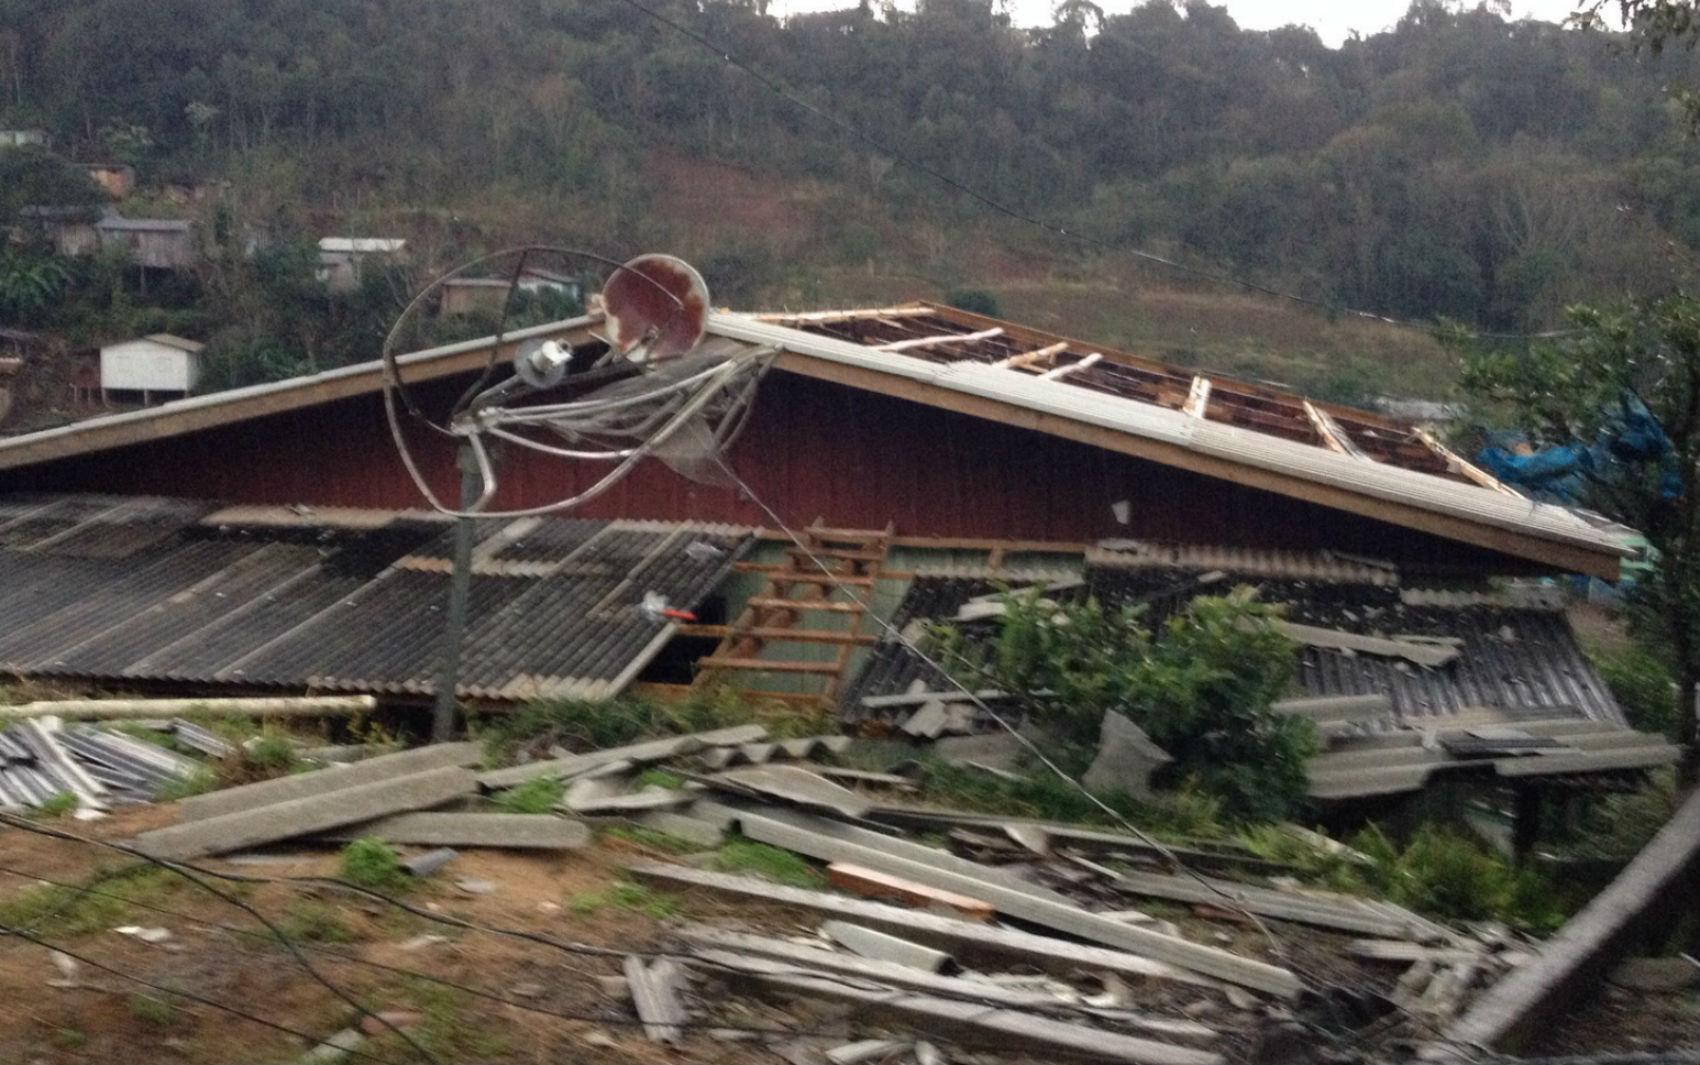 Pelo menos 60 casas foram destruídas na região, segundo a Defesa Civil